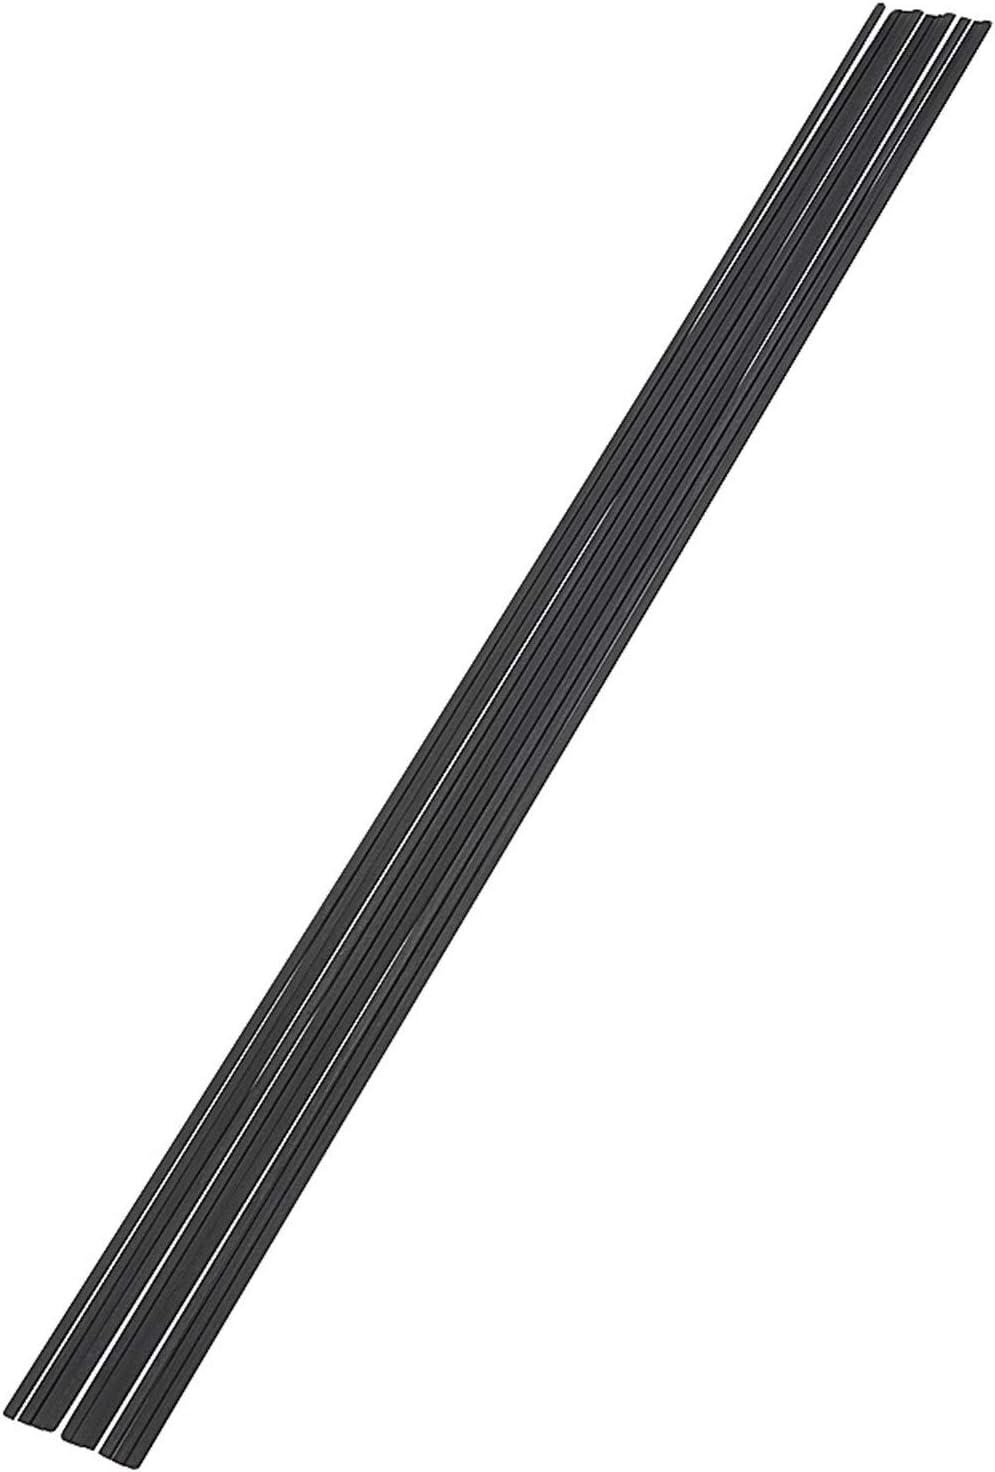 MZA Haute r/ésistance Fibre de Carbone tiges utilis/é for Les Outils davion DIY mod/èle Avion Mat en Fibre de Carbone carr/ée Rods 10 pi/èces//Ensemble de 400 mm carr/és Fibre de Carbone Rods